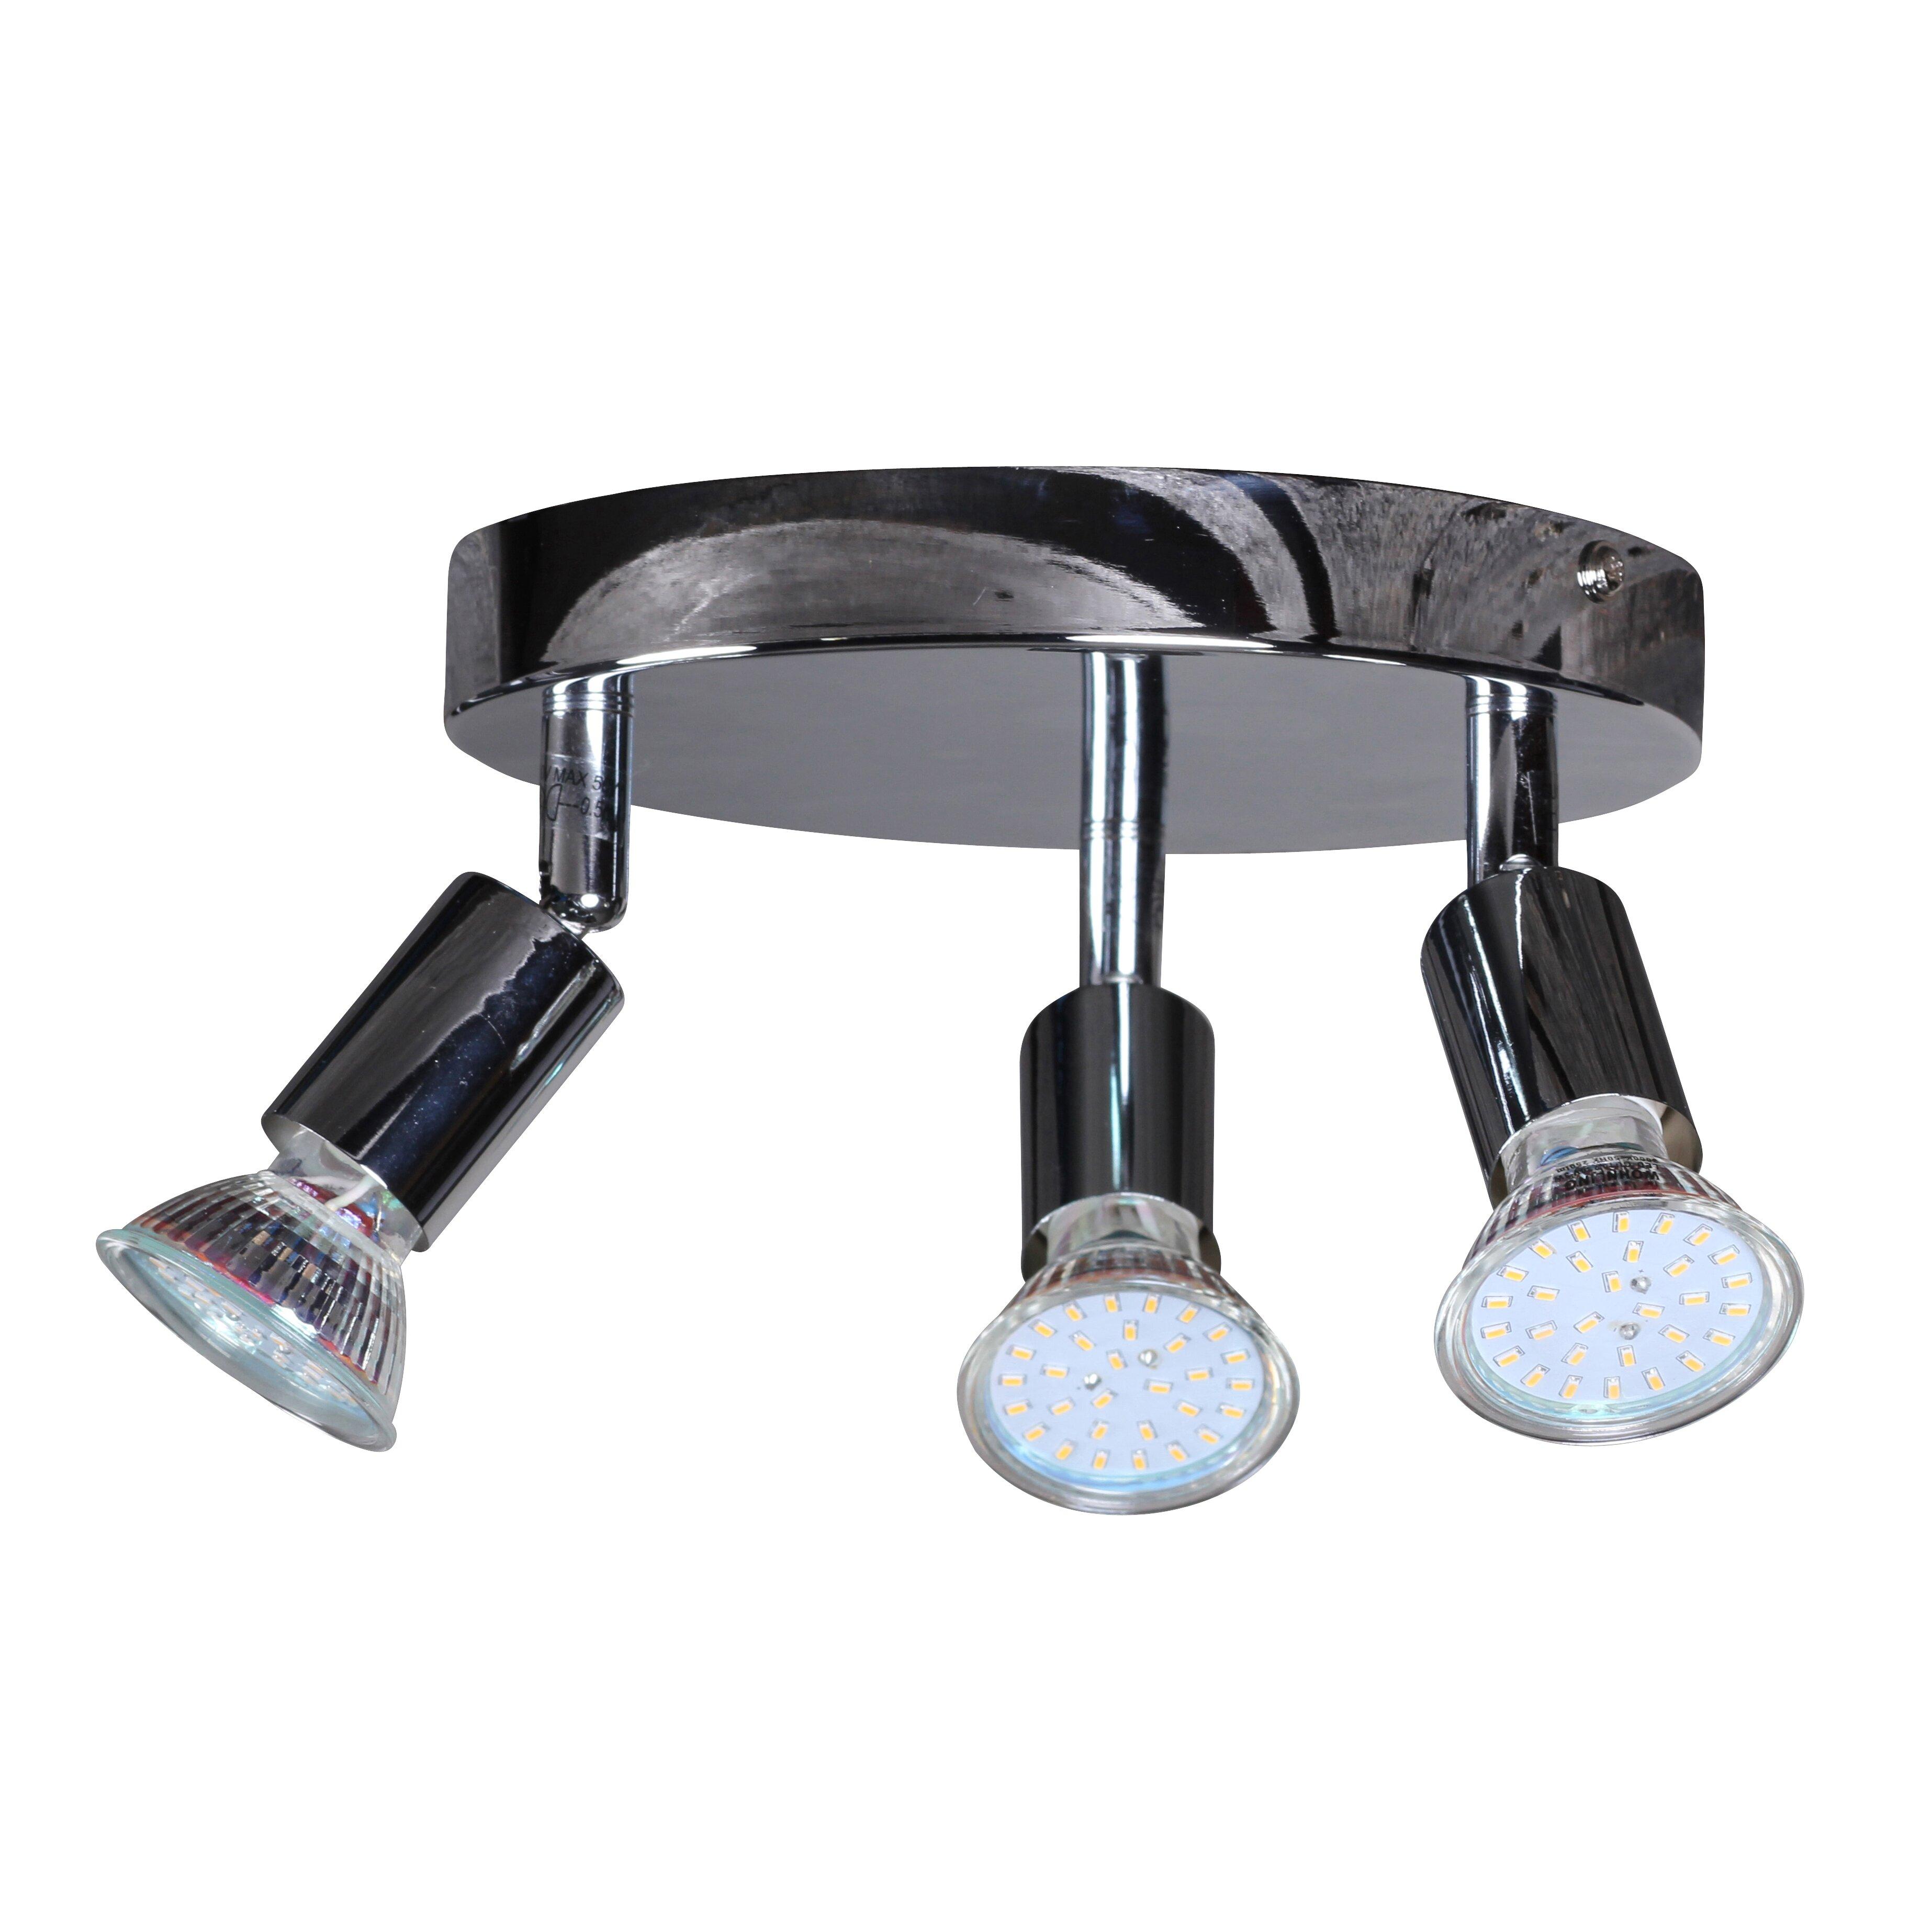 led deckenlampe 3 flammig rondell von bel tage. Black Bedroom Furniture Sets. Home Design Ideas